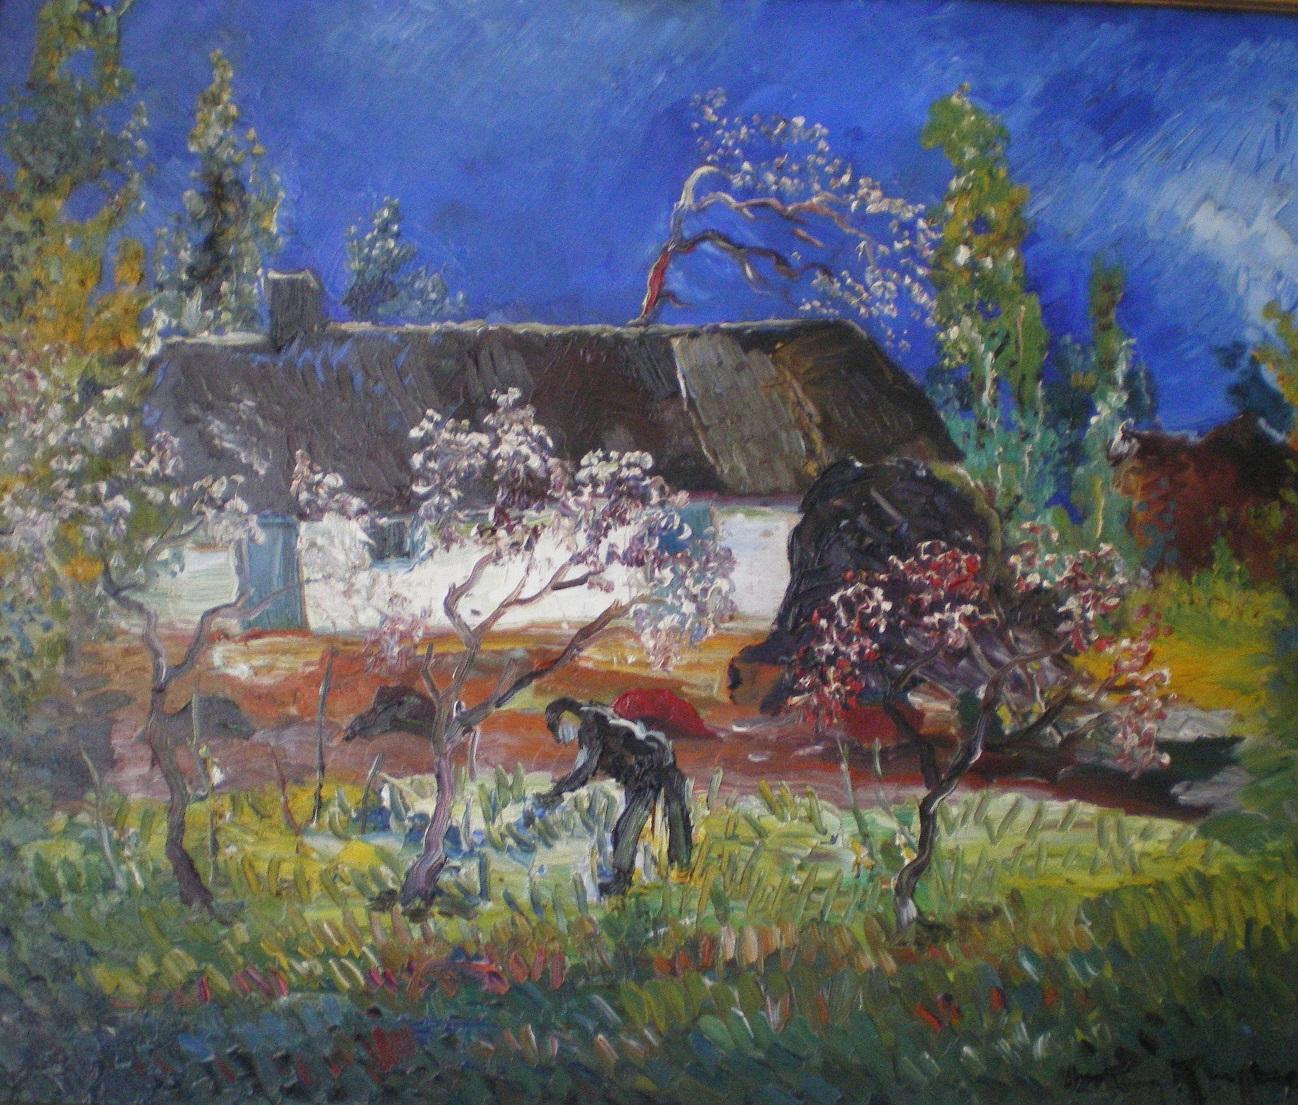 Lente in Brabant